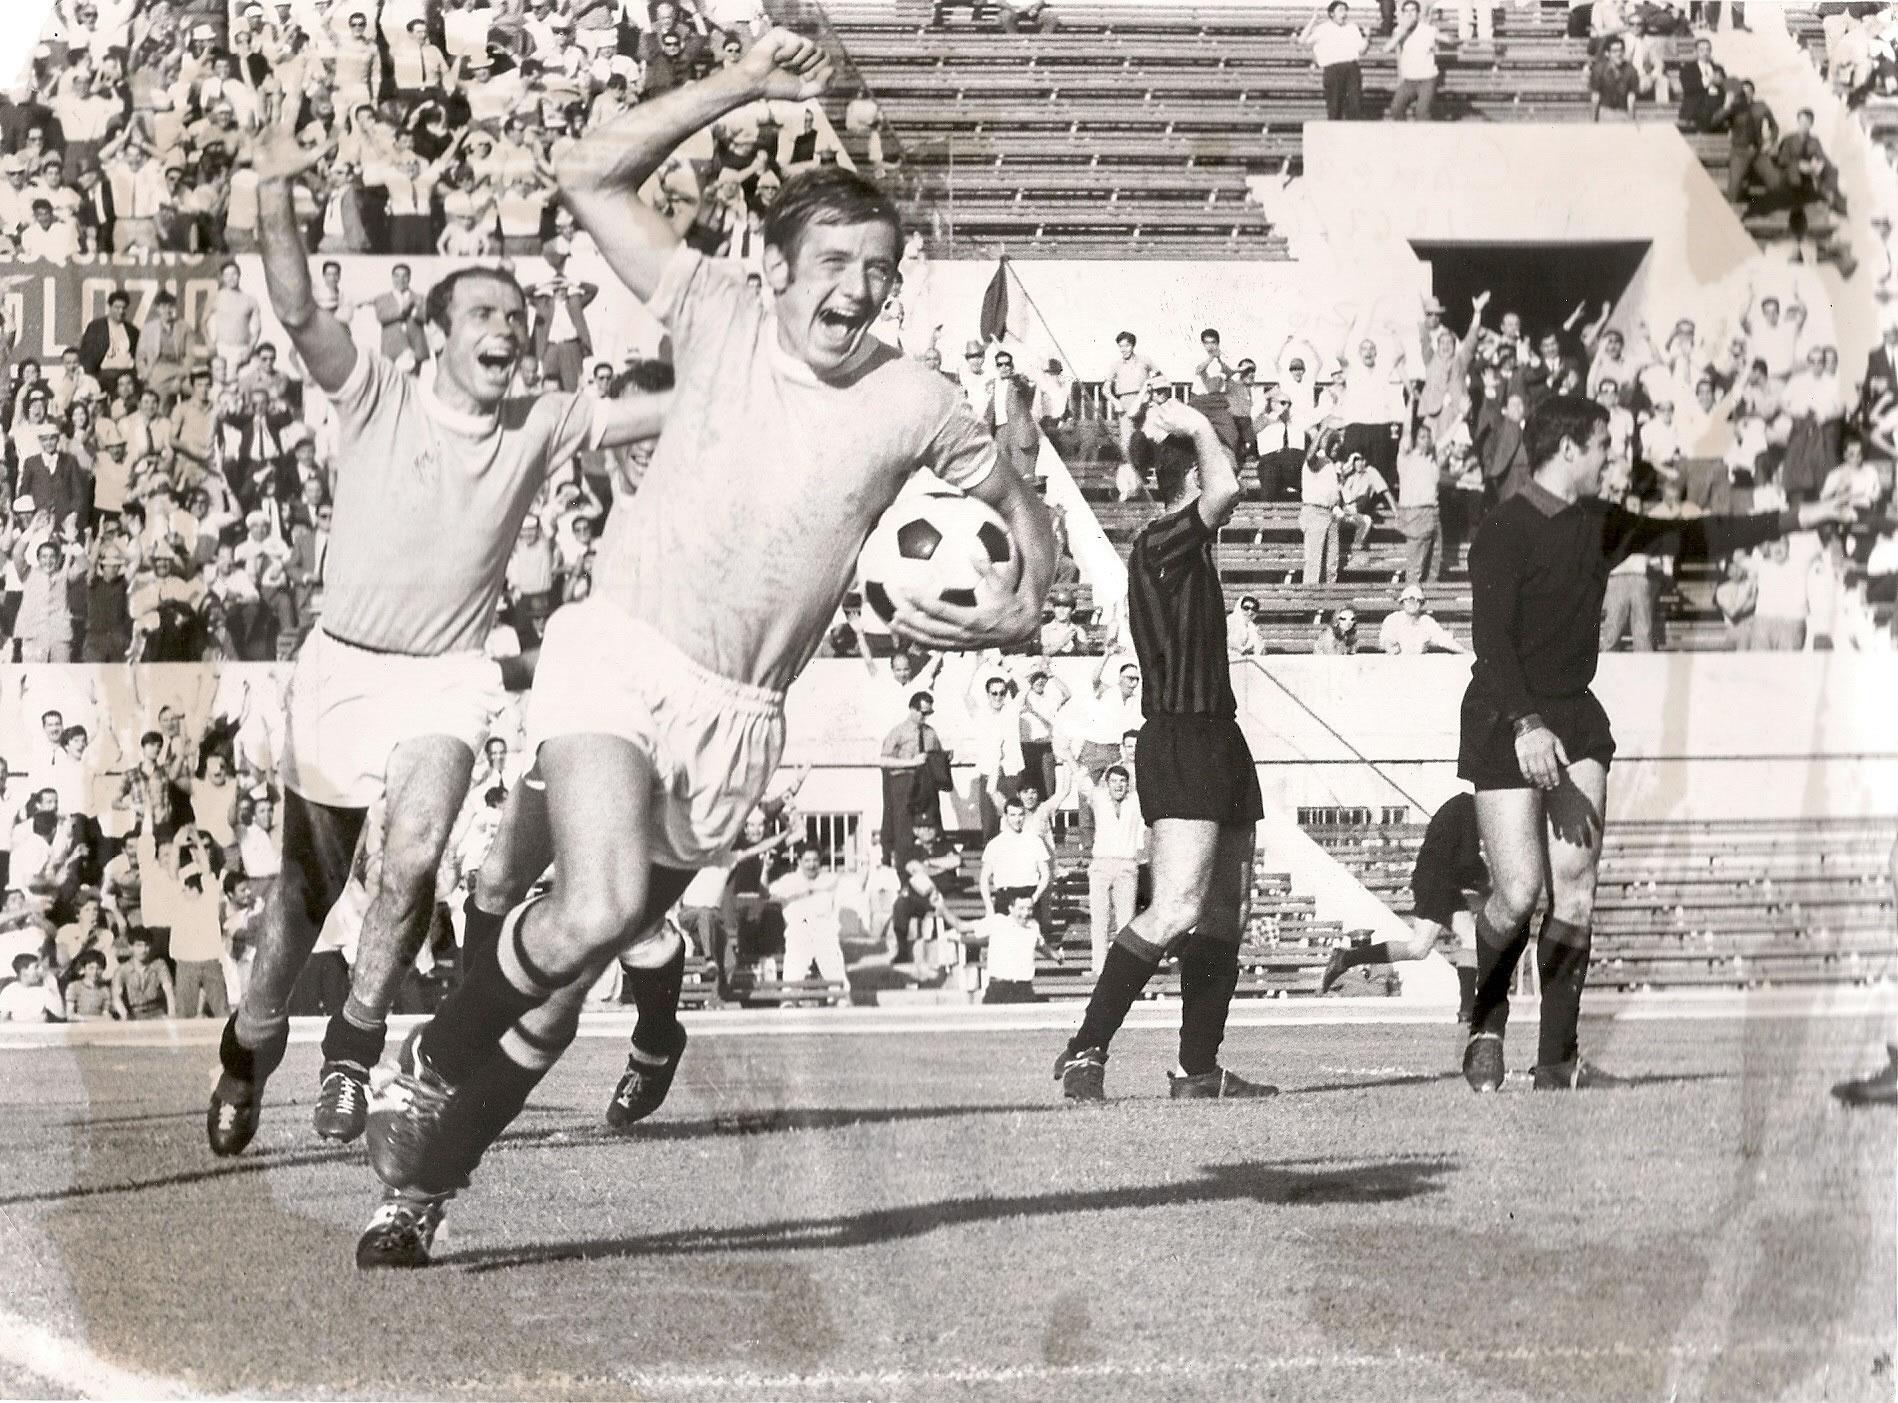 Lazio-Foggia 67/68 con Fava